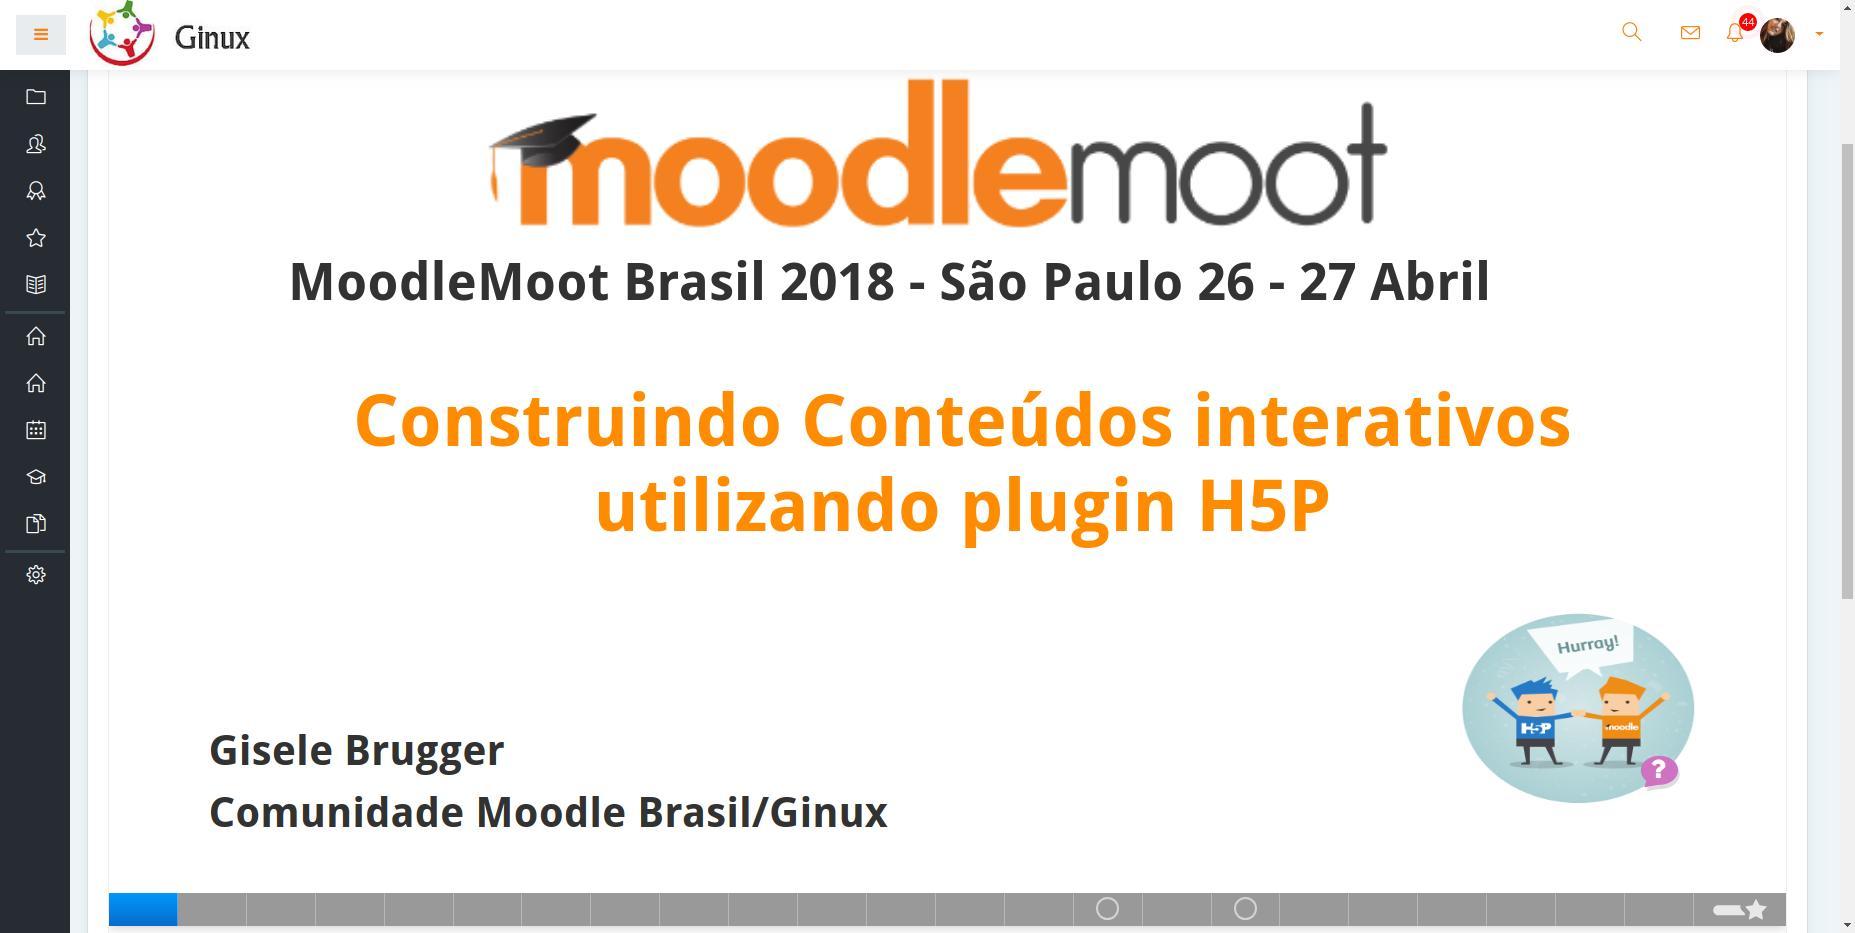 www.moodlenews.com cita apresentação da consultora Gisele Brugger no #mootBr18 sobre H5P